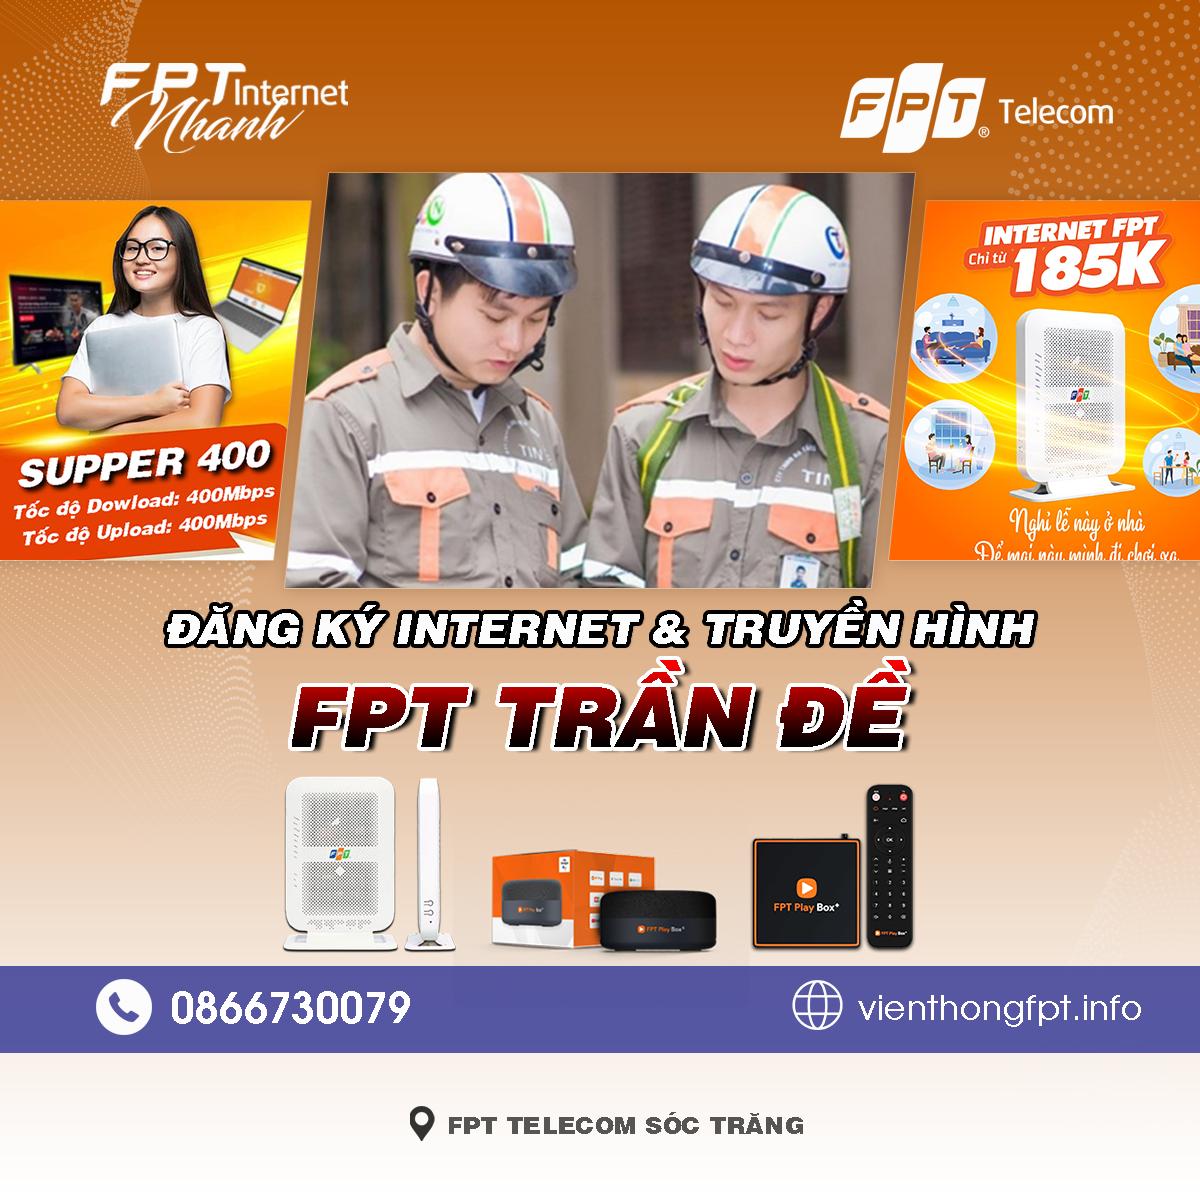 Tổng đài FPT Trần Đề - Đơn vị lắp mạng Internet và Truyền hình FPT